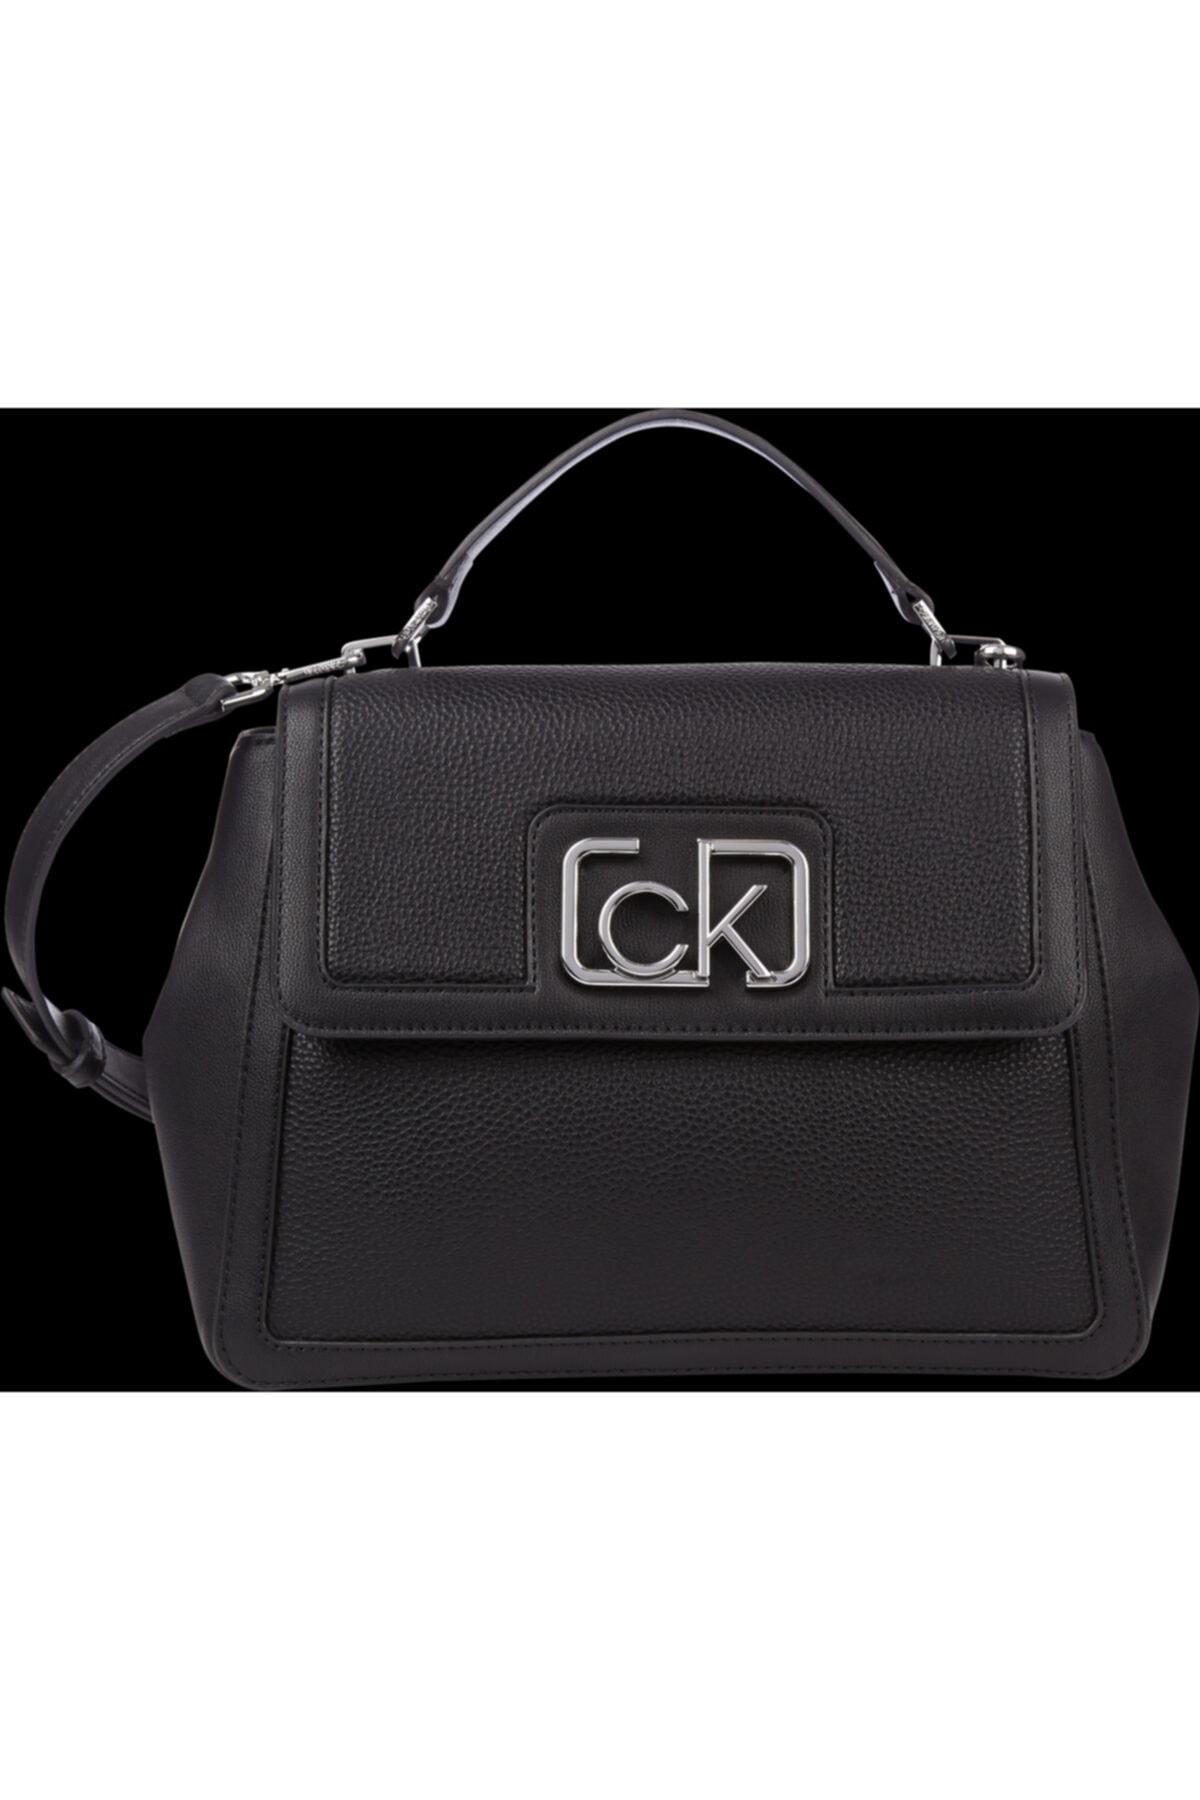 Calvin Klein Kadın Siyah Singanture Mini Omuz Çantası 1